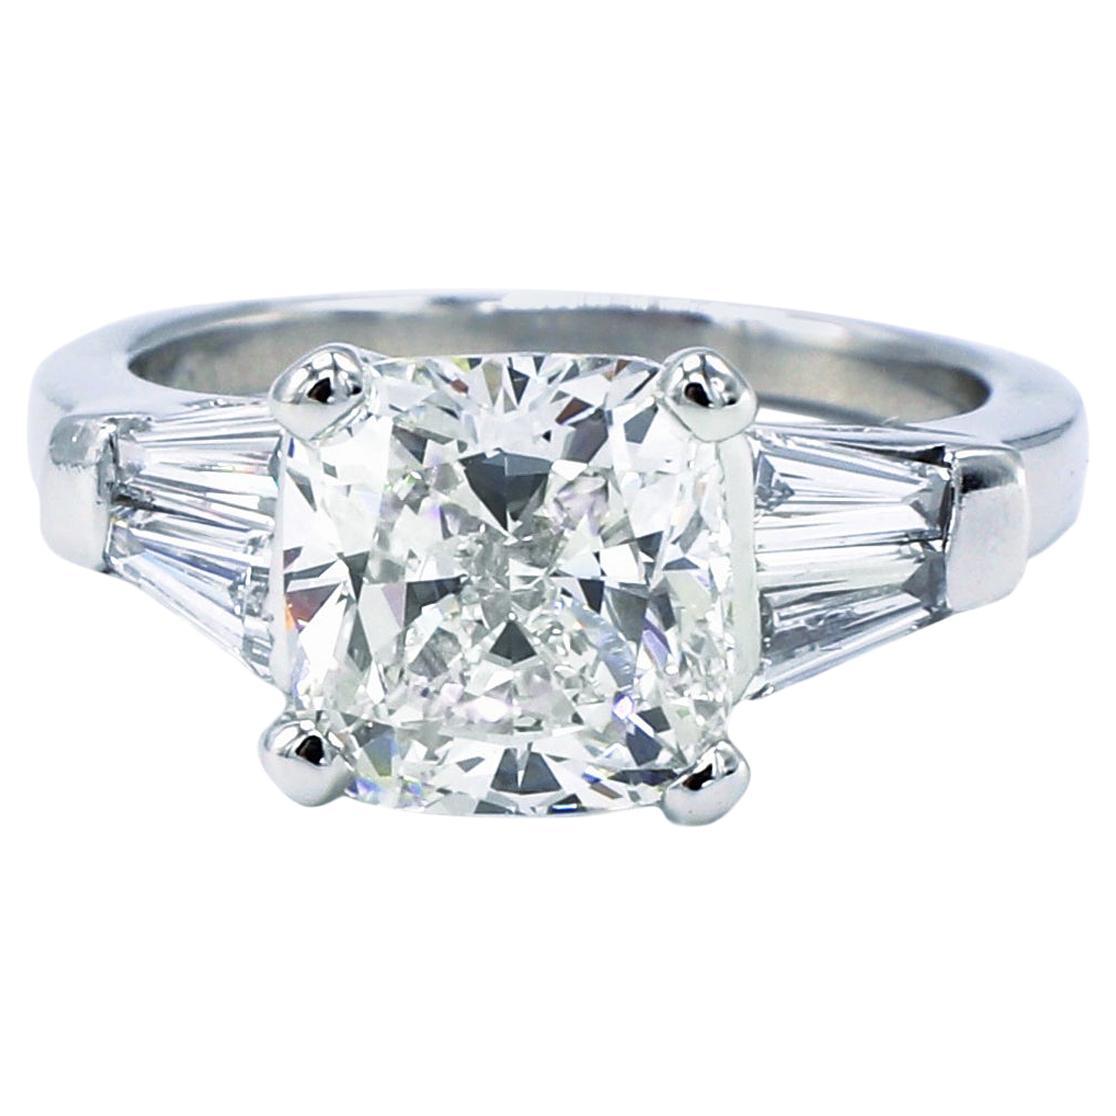 GIA Certified 3.02 Carat J VS1 Cushion Platinum Diamond Engagement Ring